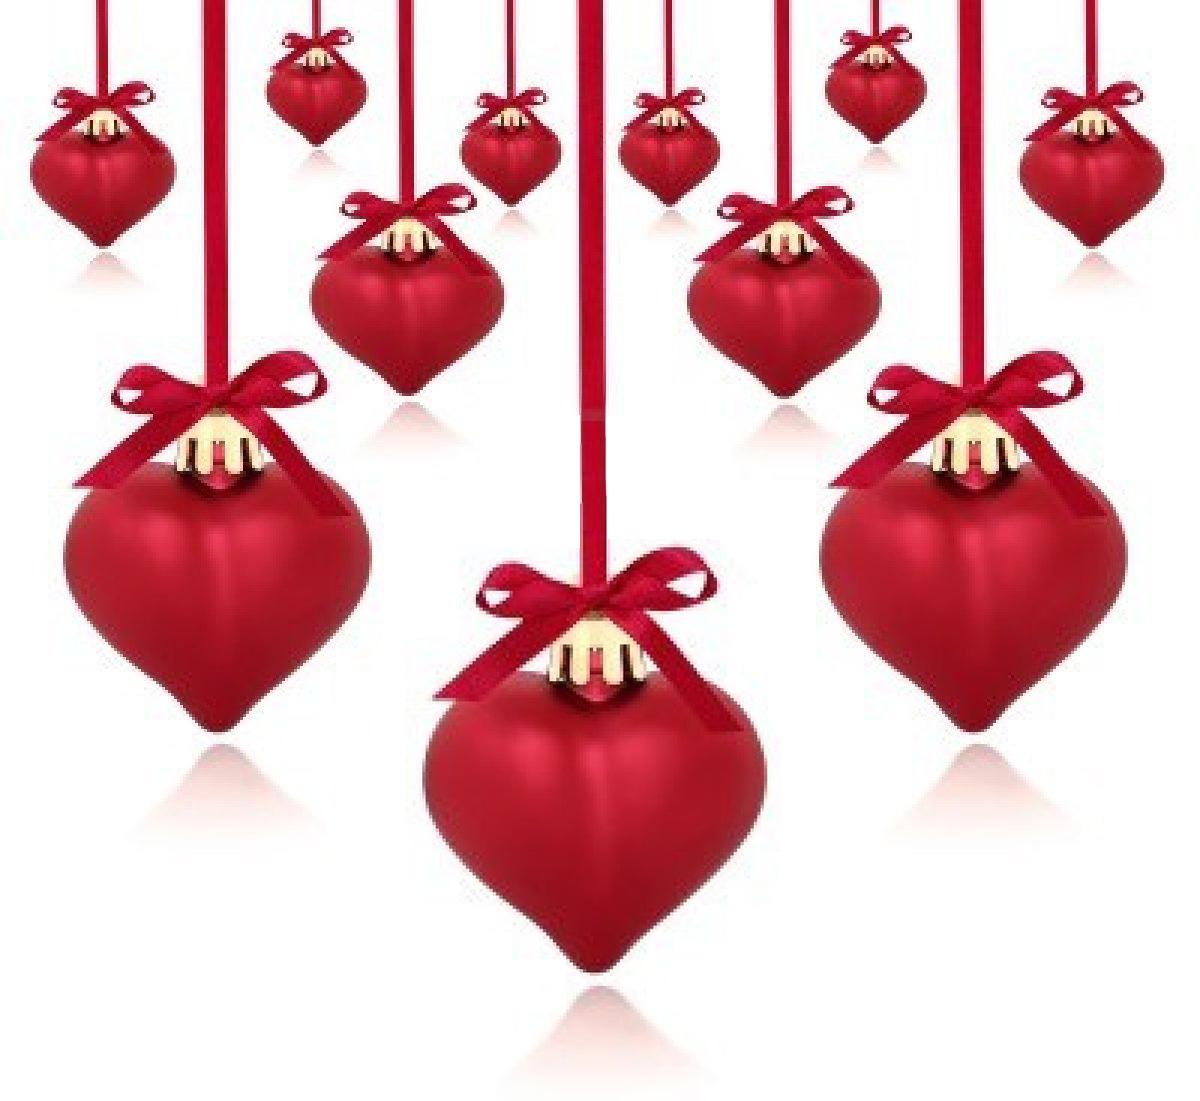 7903180-coeur-rouge-en-forme-de-boules-de-noel-avec-ruban-et-les-arcs-isoles-sur-fond-blanc